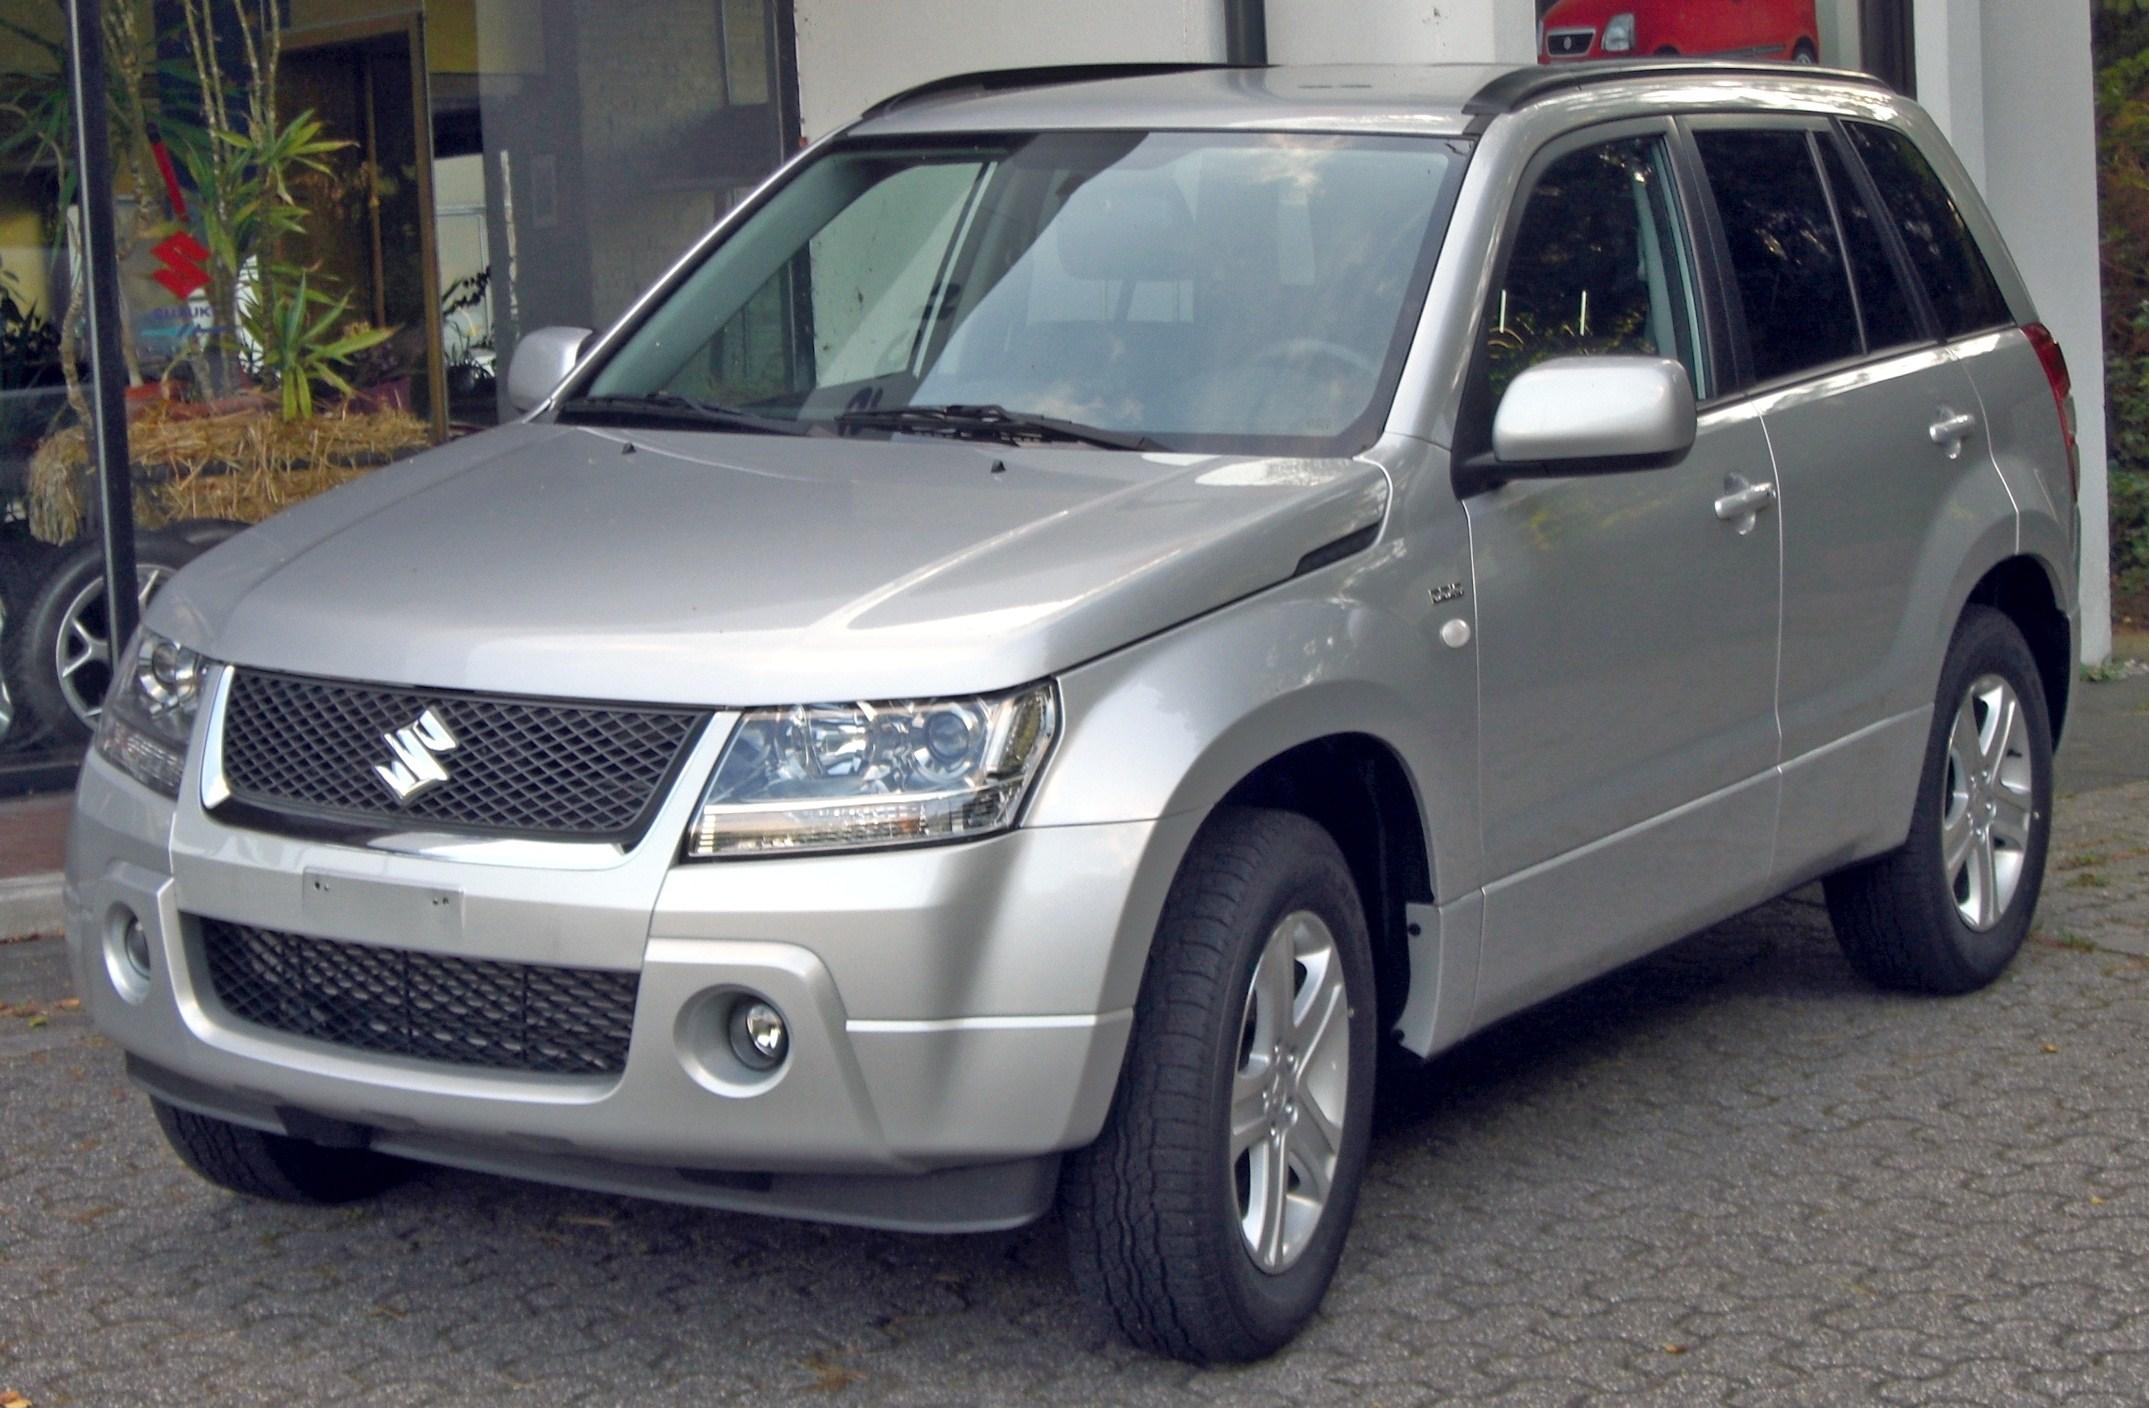 У Мукачеві по вулиці Росвигівській пограбували автомобіль Suzuki Grand Vitara